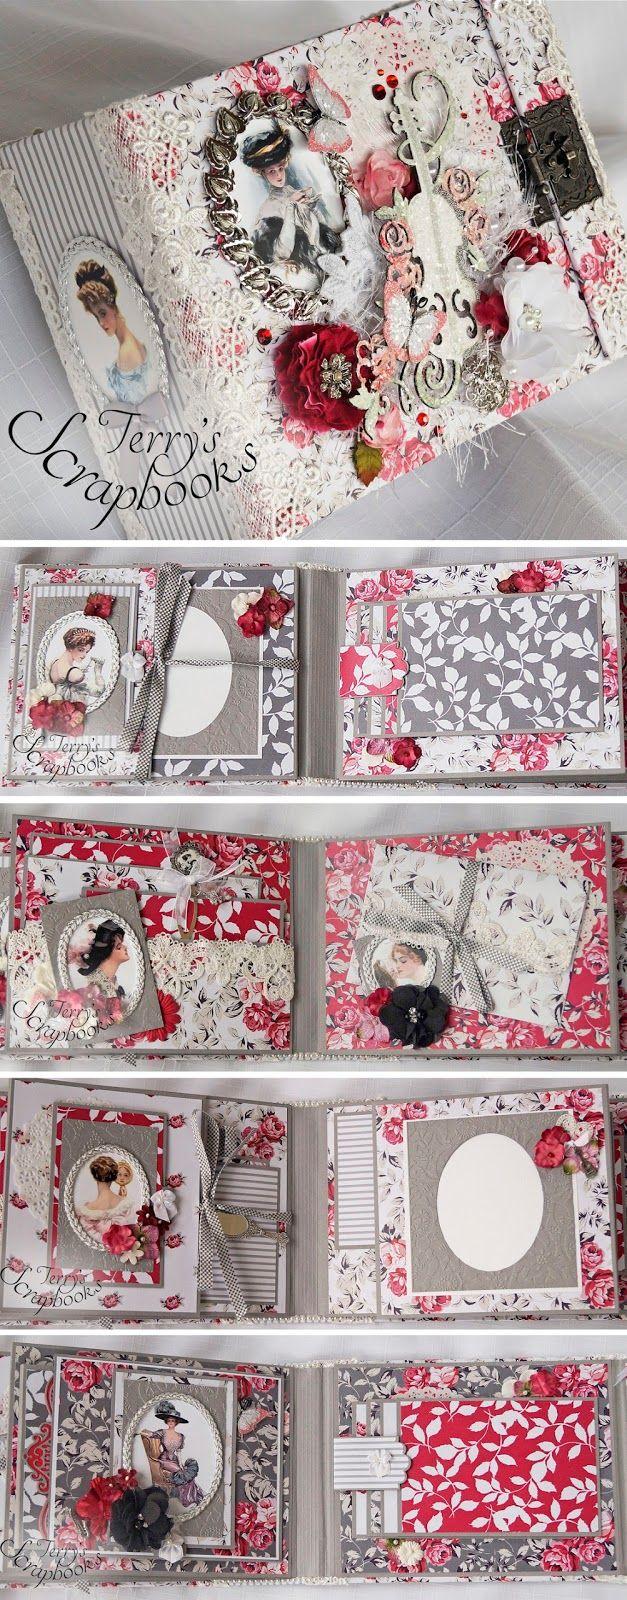 Terry's Scrapbooks: Gibson Girl Scrapbook Min Album Reneabouquets Design Team Project